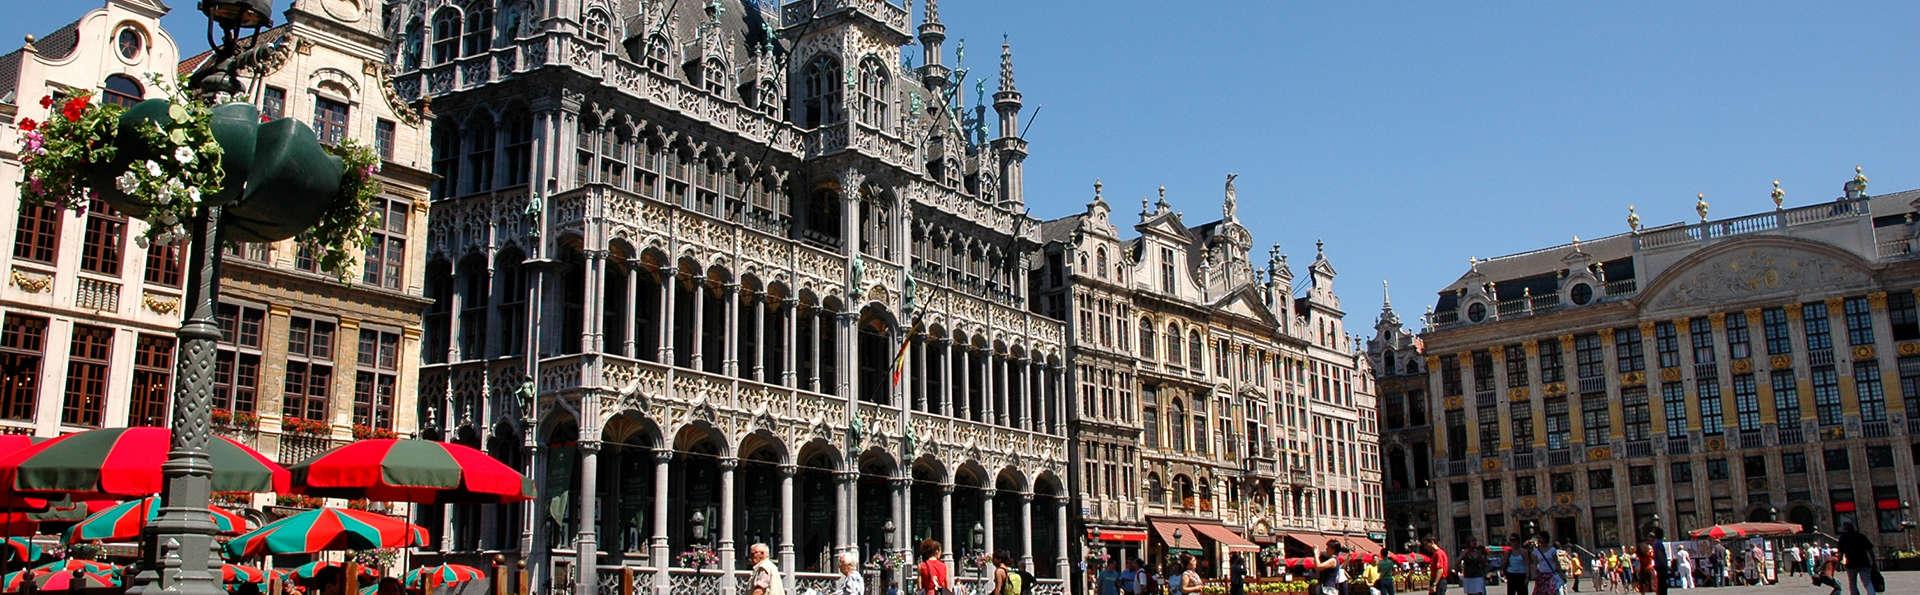 Lusso ed eleganza nel cuore di Bruxelles